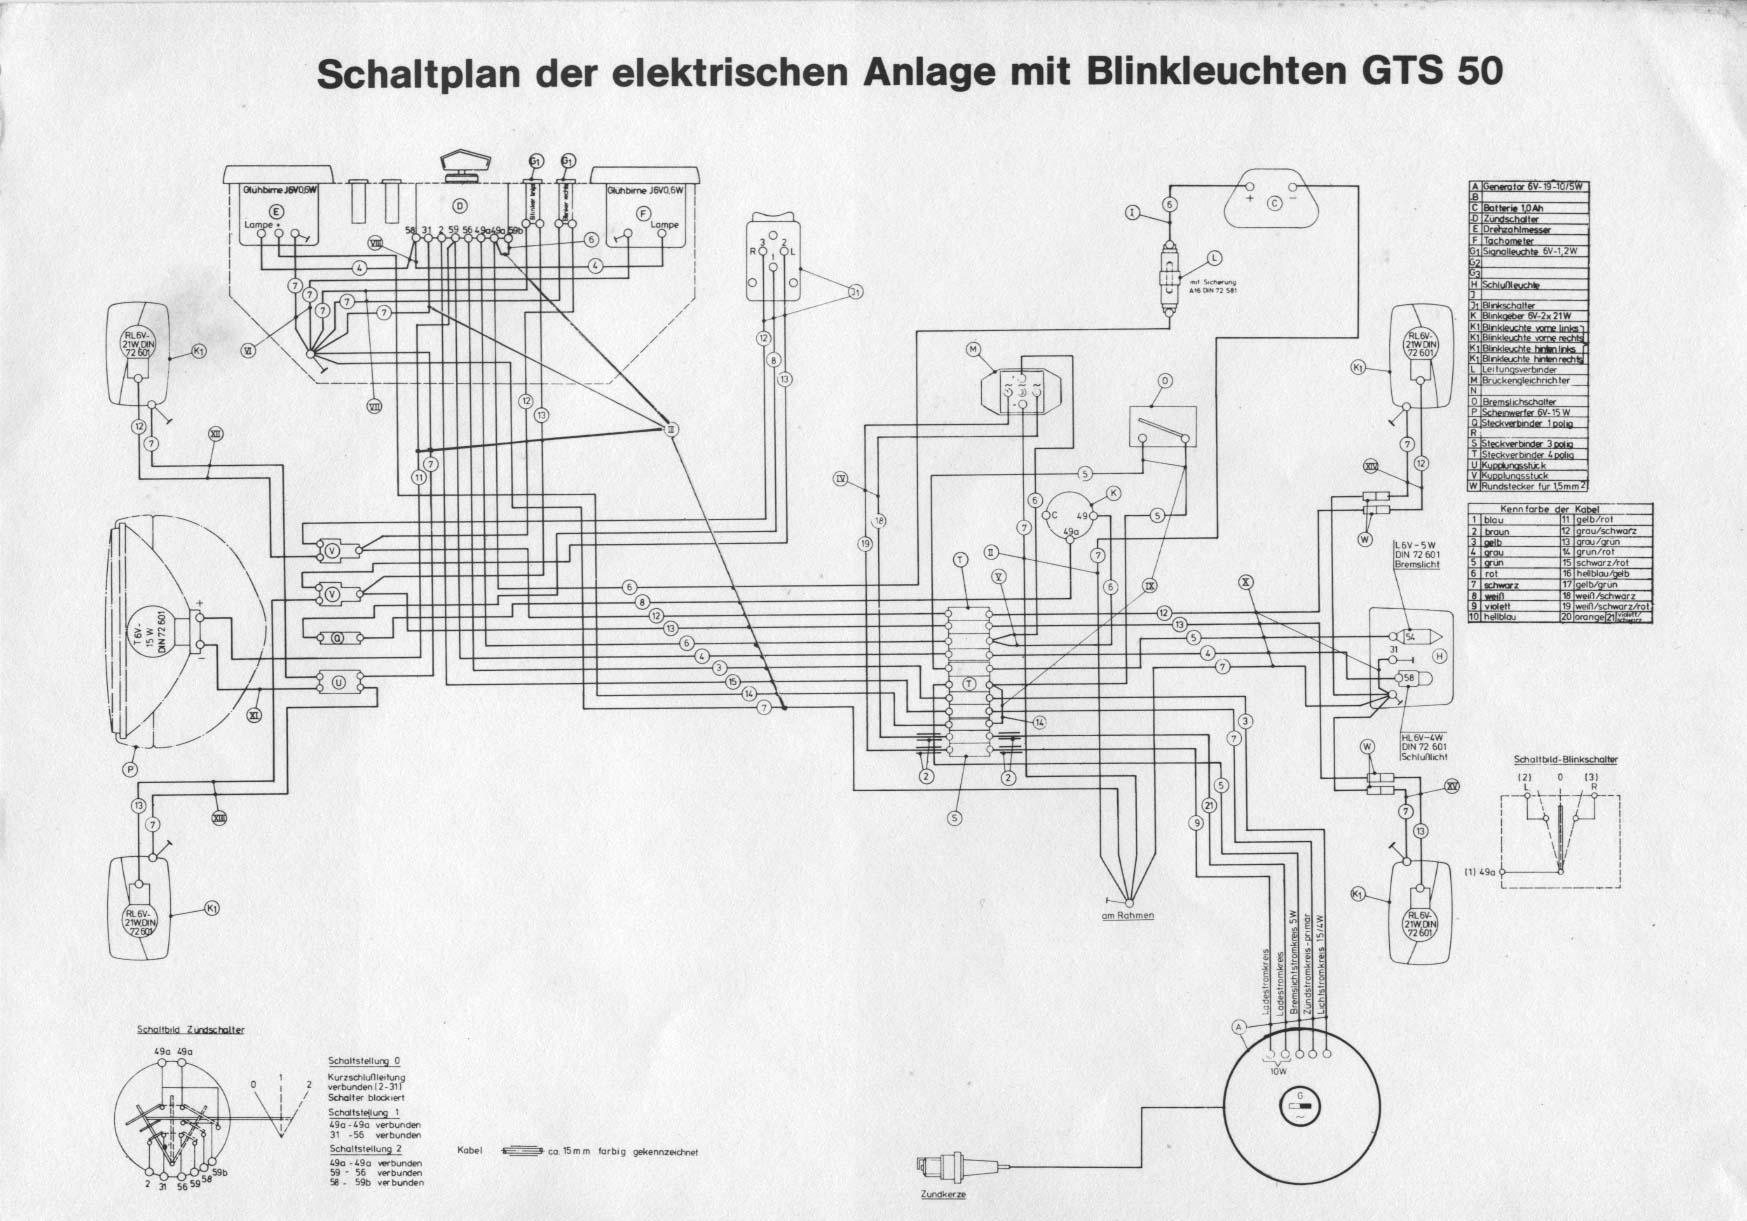 RE: Tachobeleuchtung GTS 50 - 2